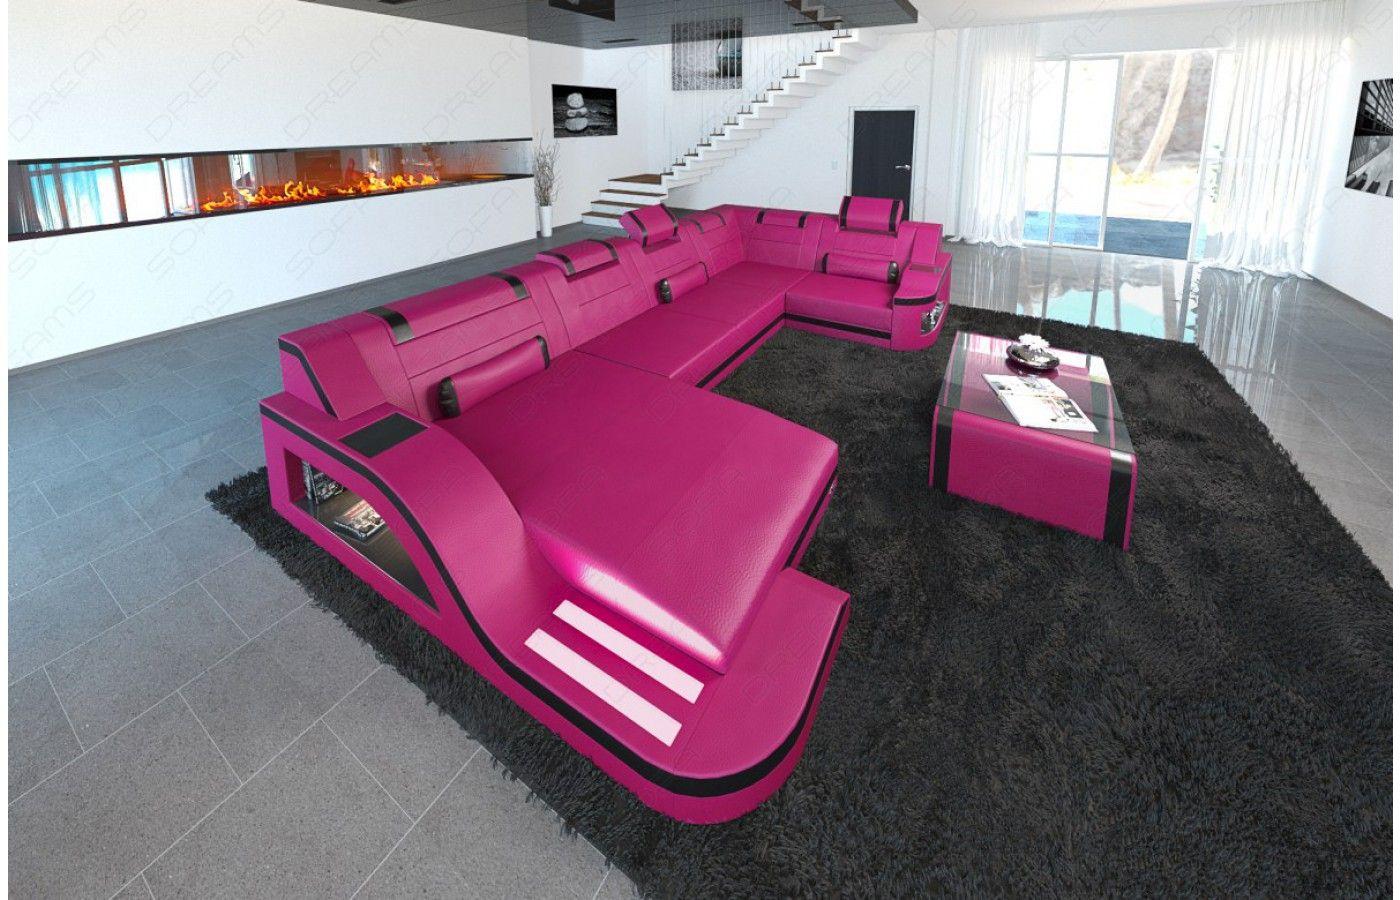 design wohnlandschaft palermo u form mit led exklusiv bei sofa dreams design. Black Bedroom Furniture Sets. Home Design Ideas